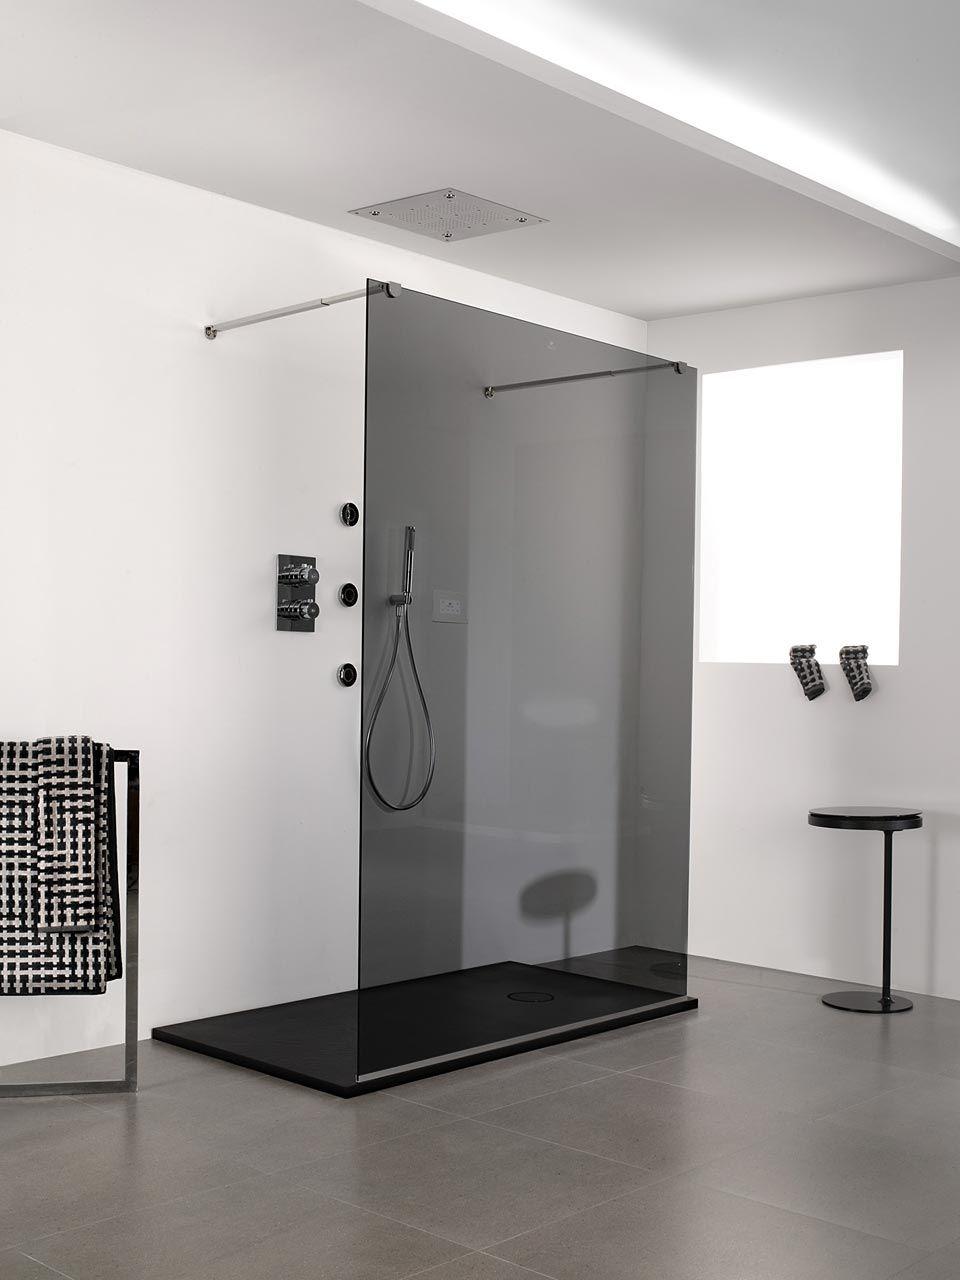 parois de douche porcelanosa bain douche pinterest bathroom shower screen and shower. Black Bedroom Furniture Sets. Home Design Ideas